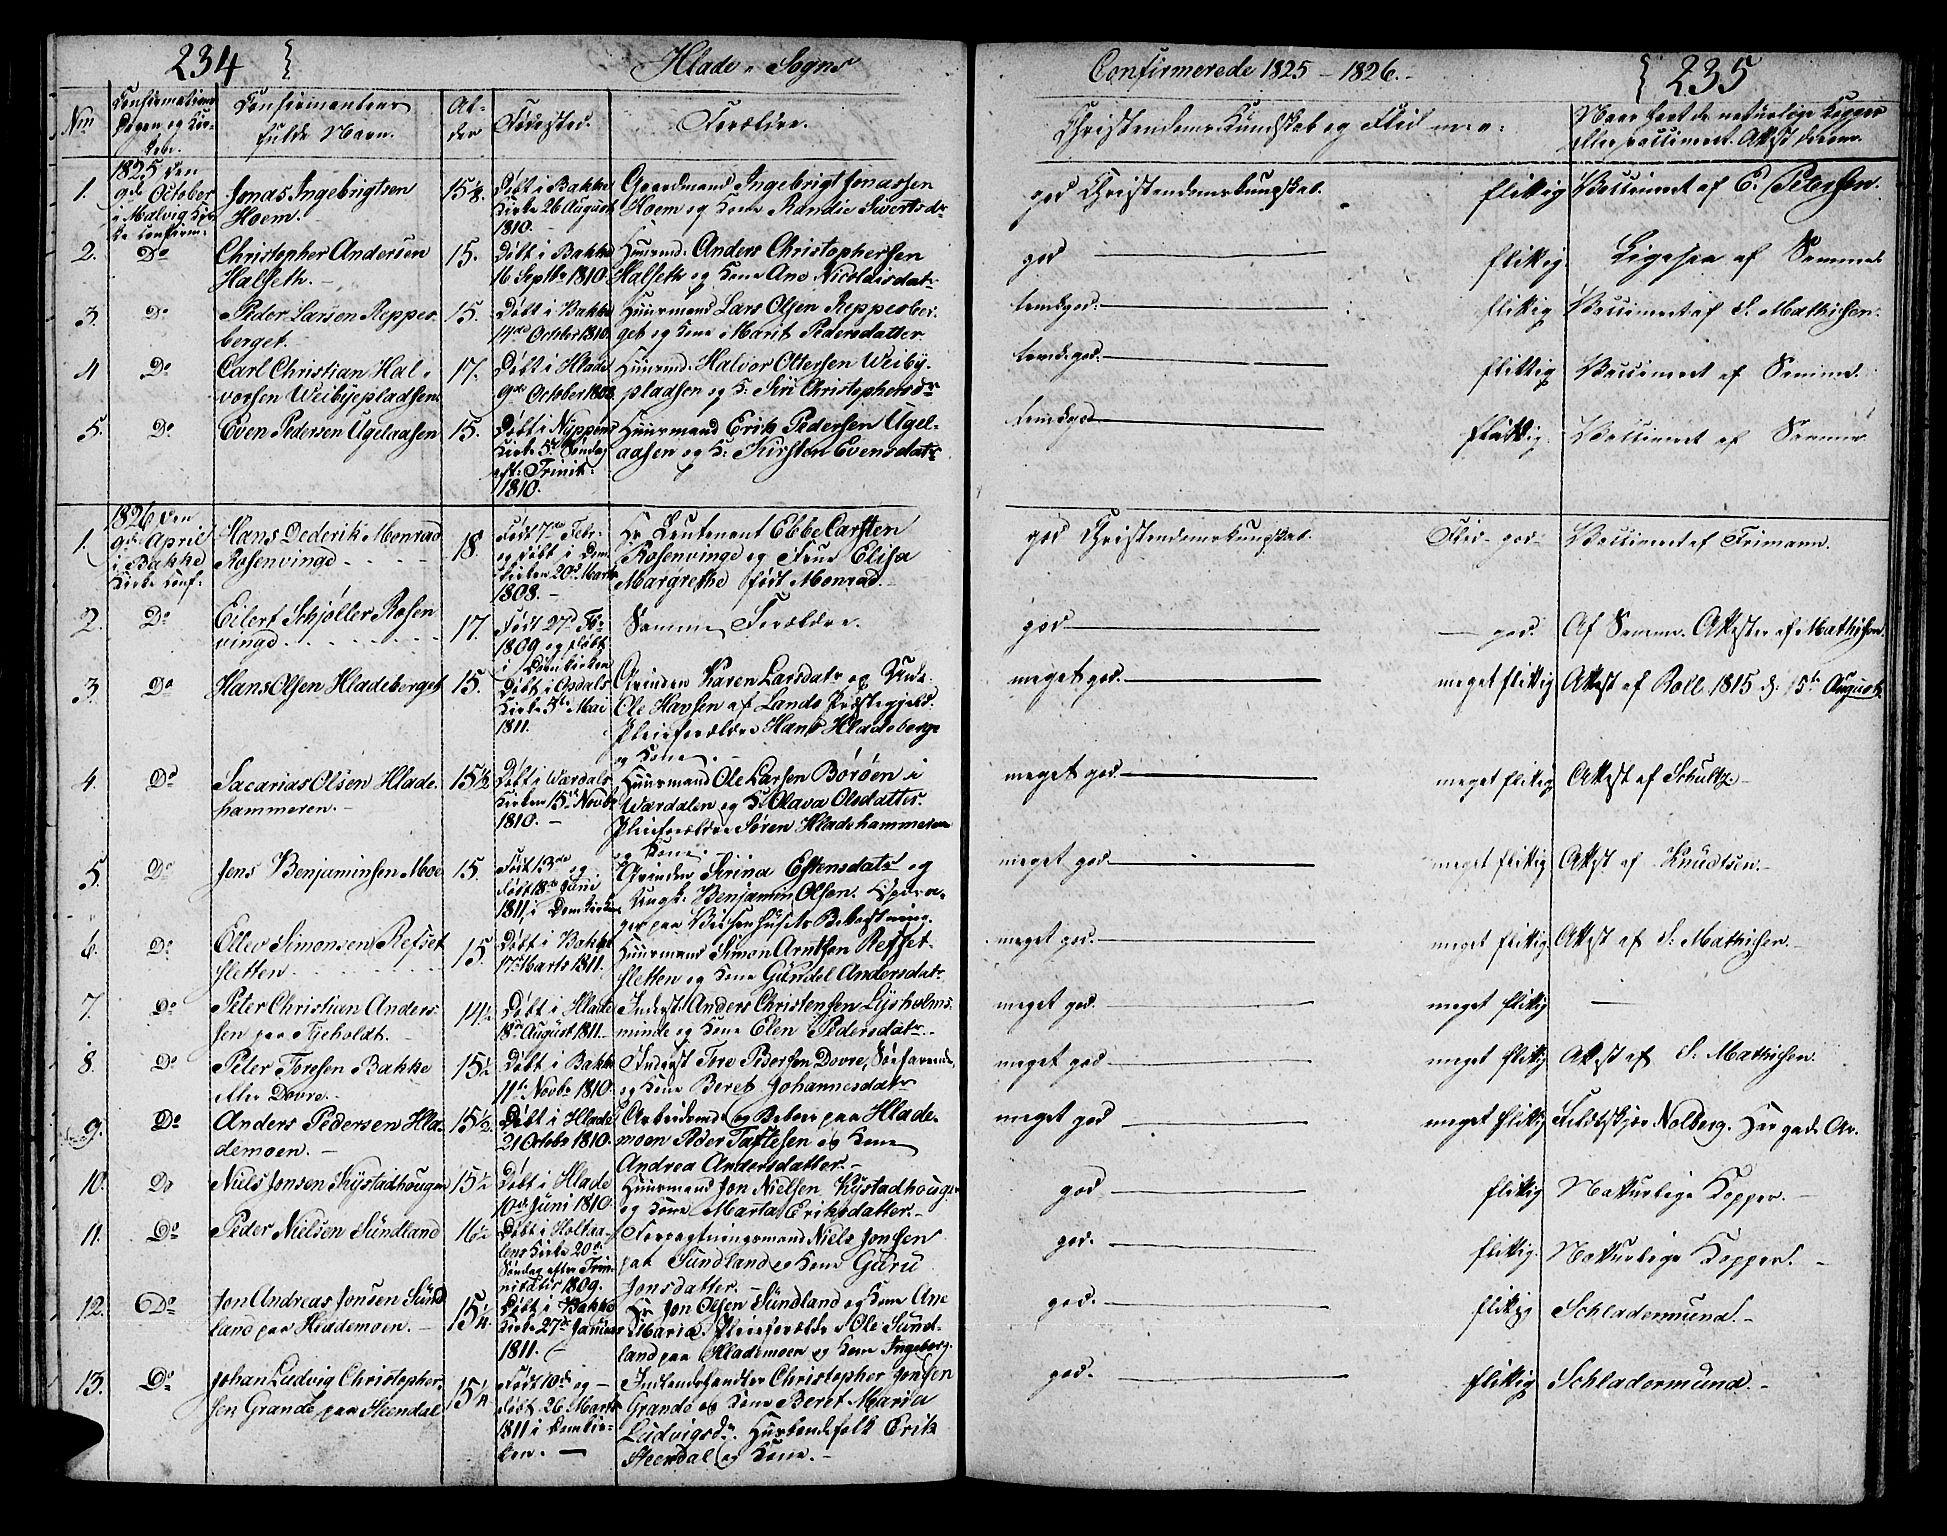 SAT, Ministerialprotokoller, klokkerbøker og fødselsregistre - Sør-Trøndelag, 606/L0306: Klokkerbok nr. 606C02, 1797-1829, s. 234-235